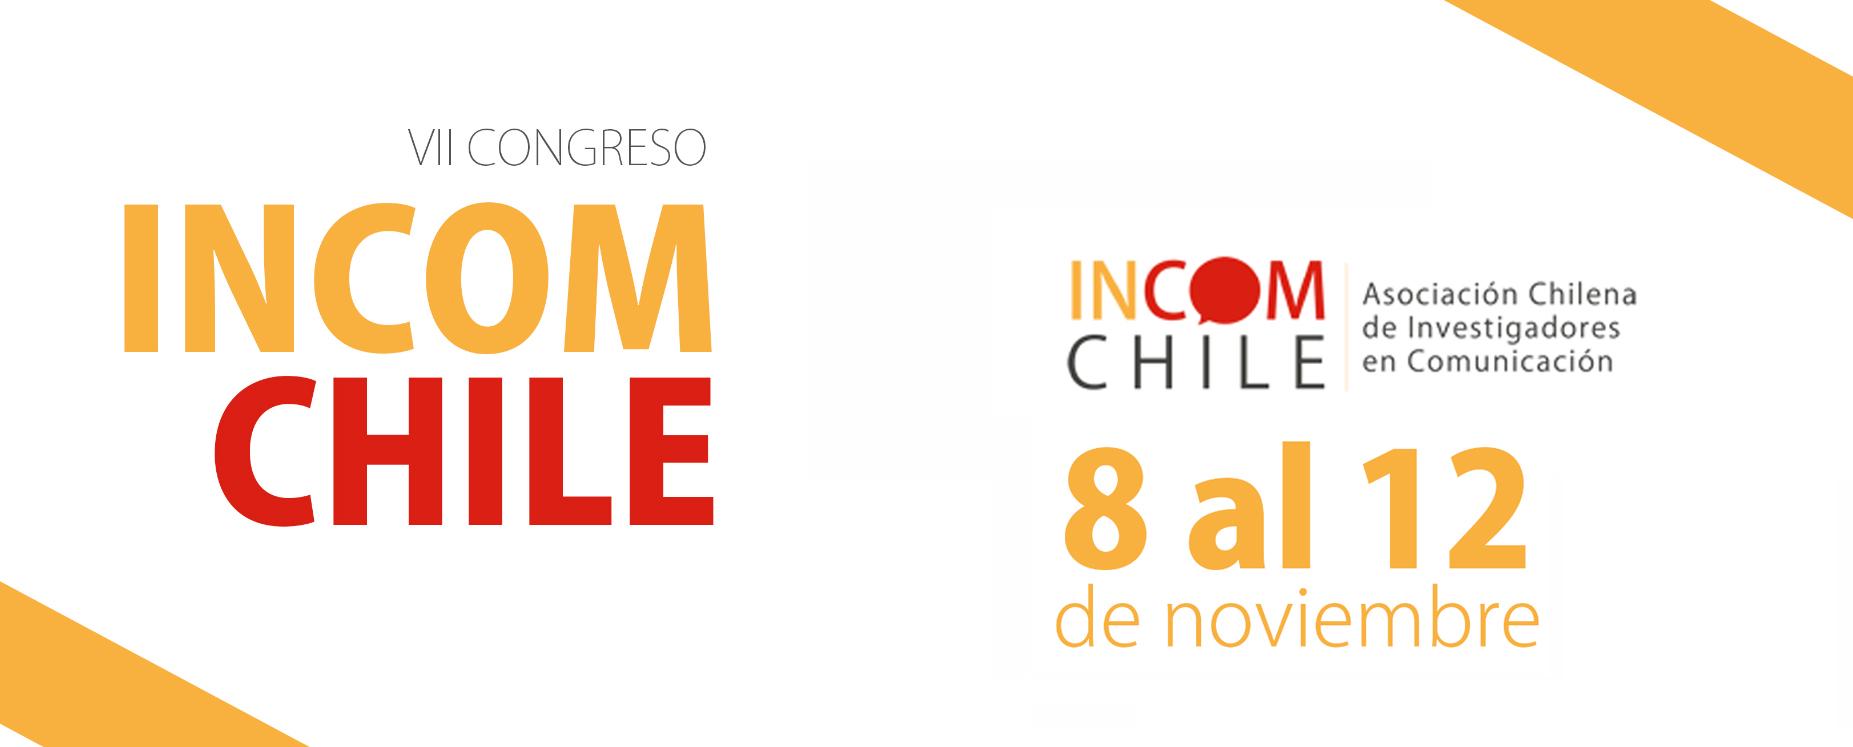 VII Congreso INCOM de la Asociación Chilena de Investigadores en Comunicación